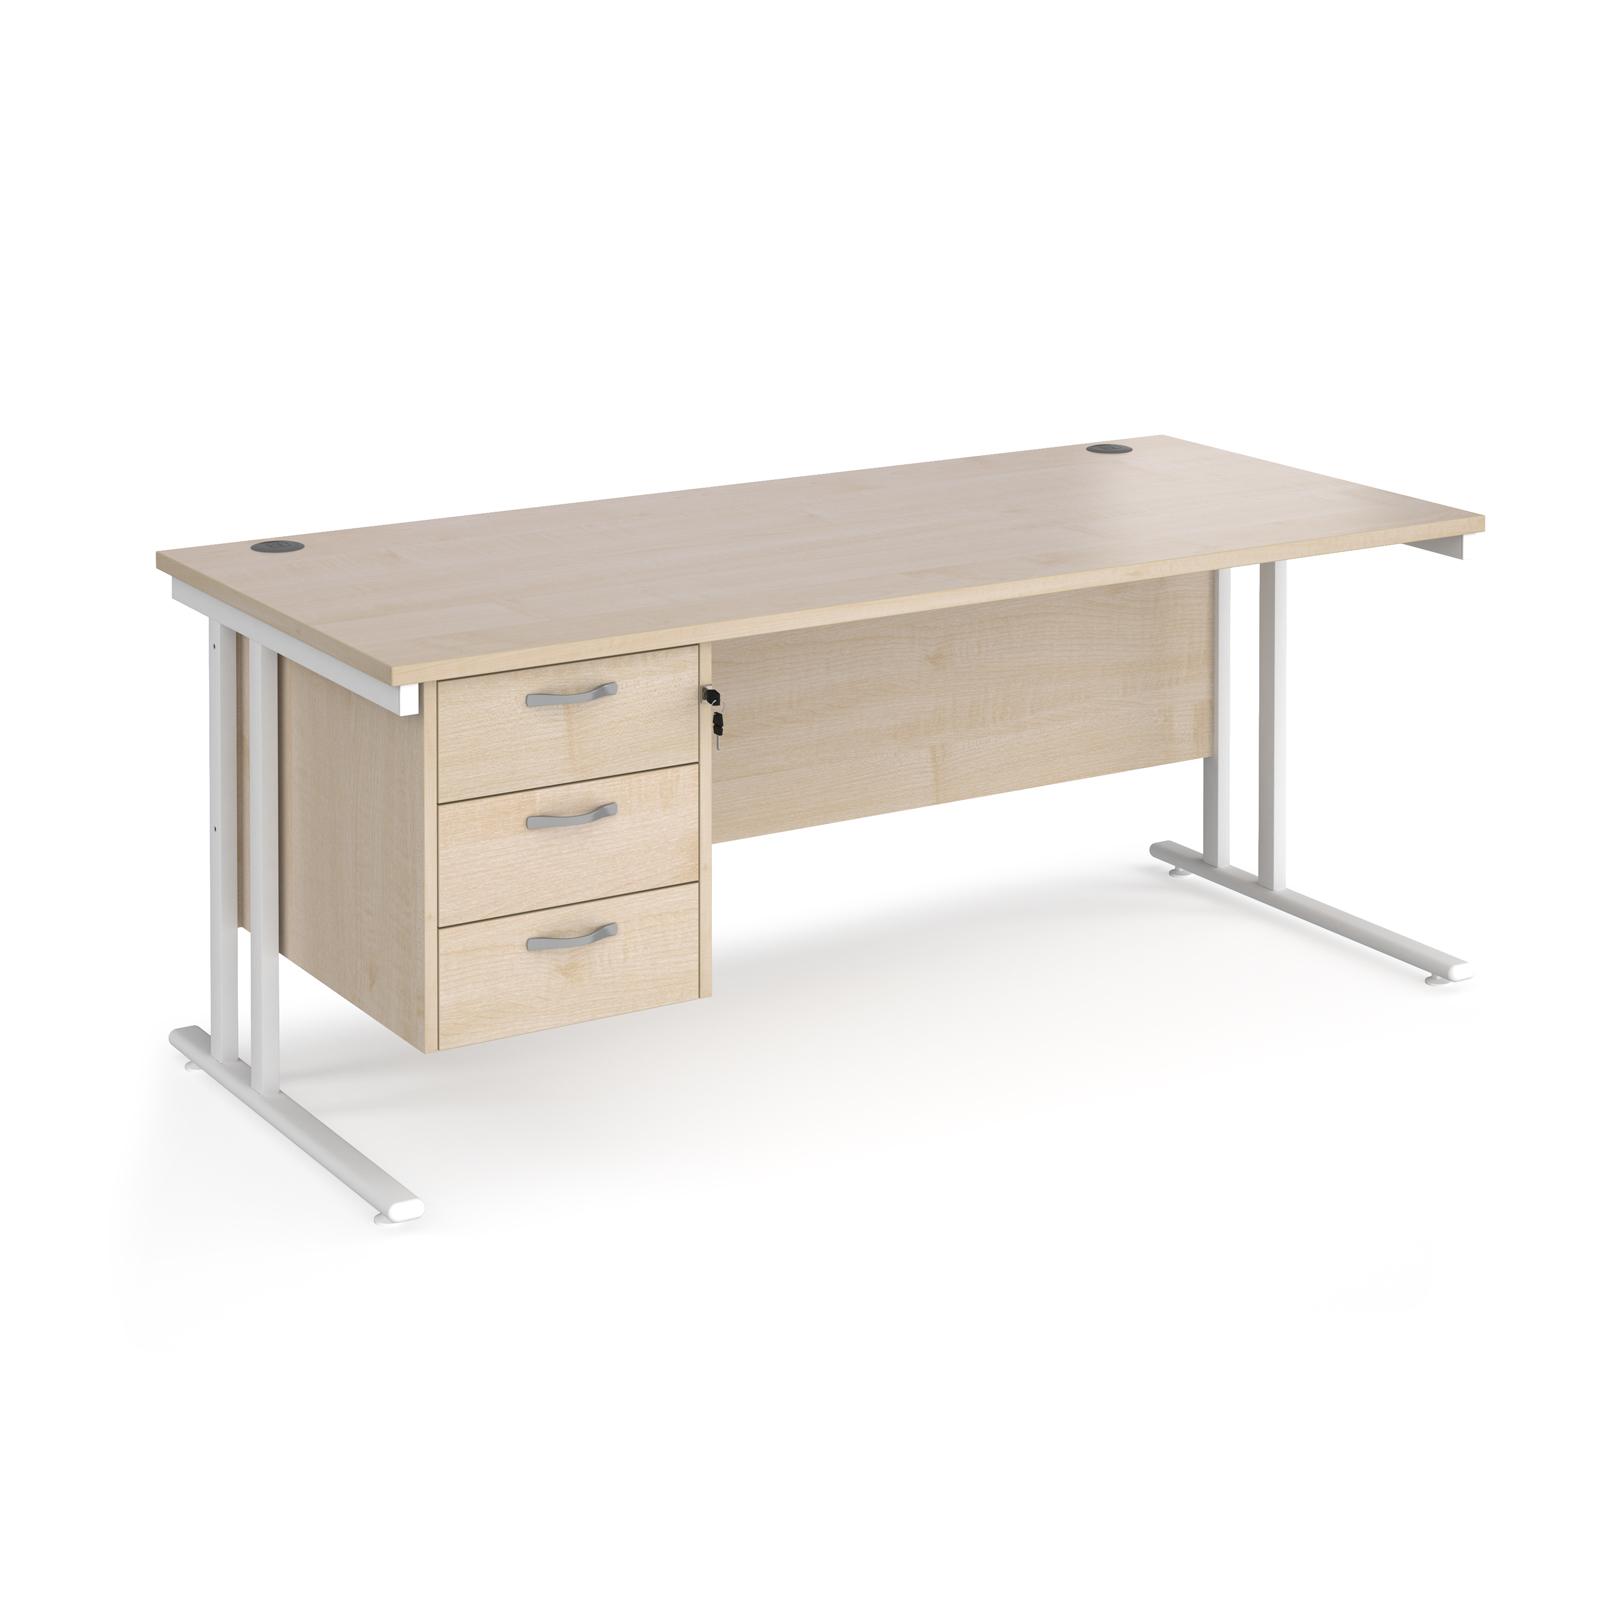 Rectangular Desks Maestro 25 straight desk 1800mm x 800mm with 3 drawer pedestal - white cantilever leg frame, maple top